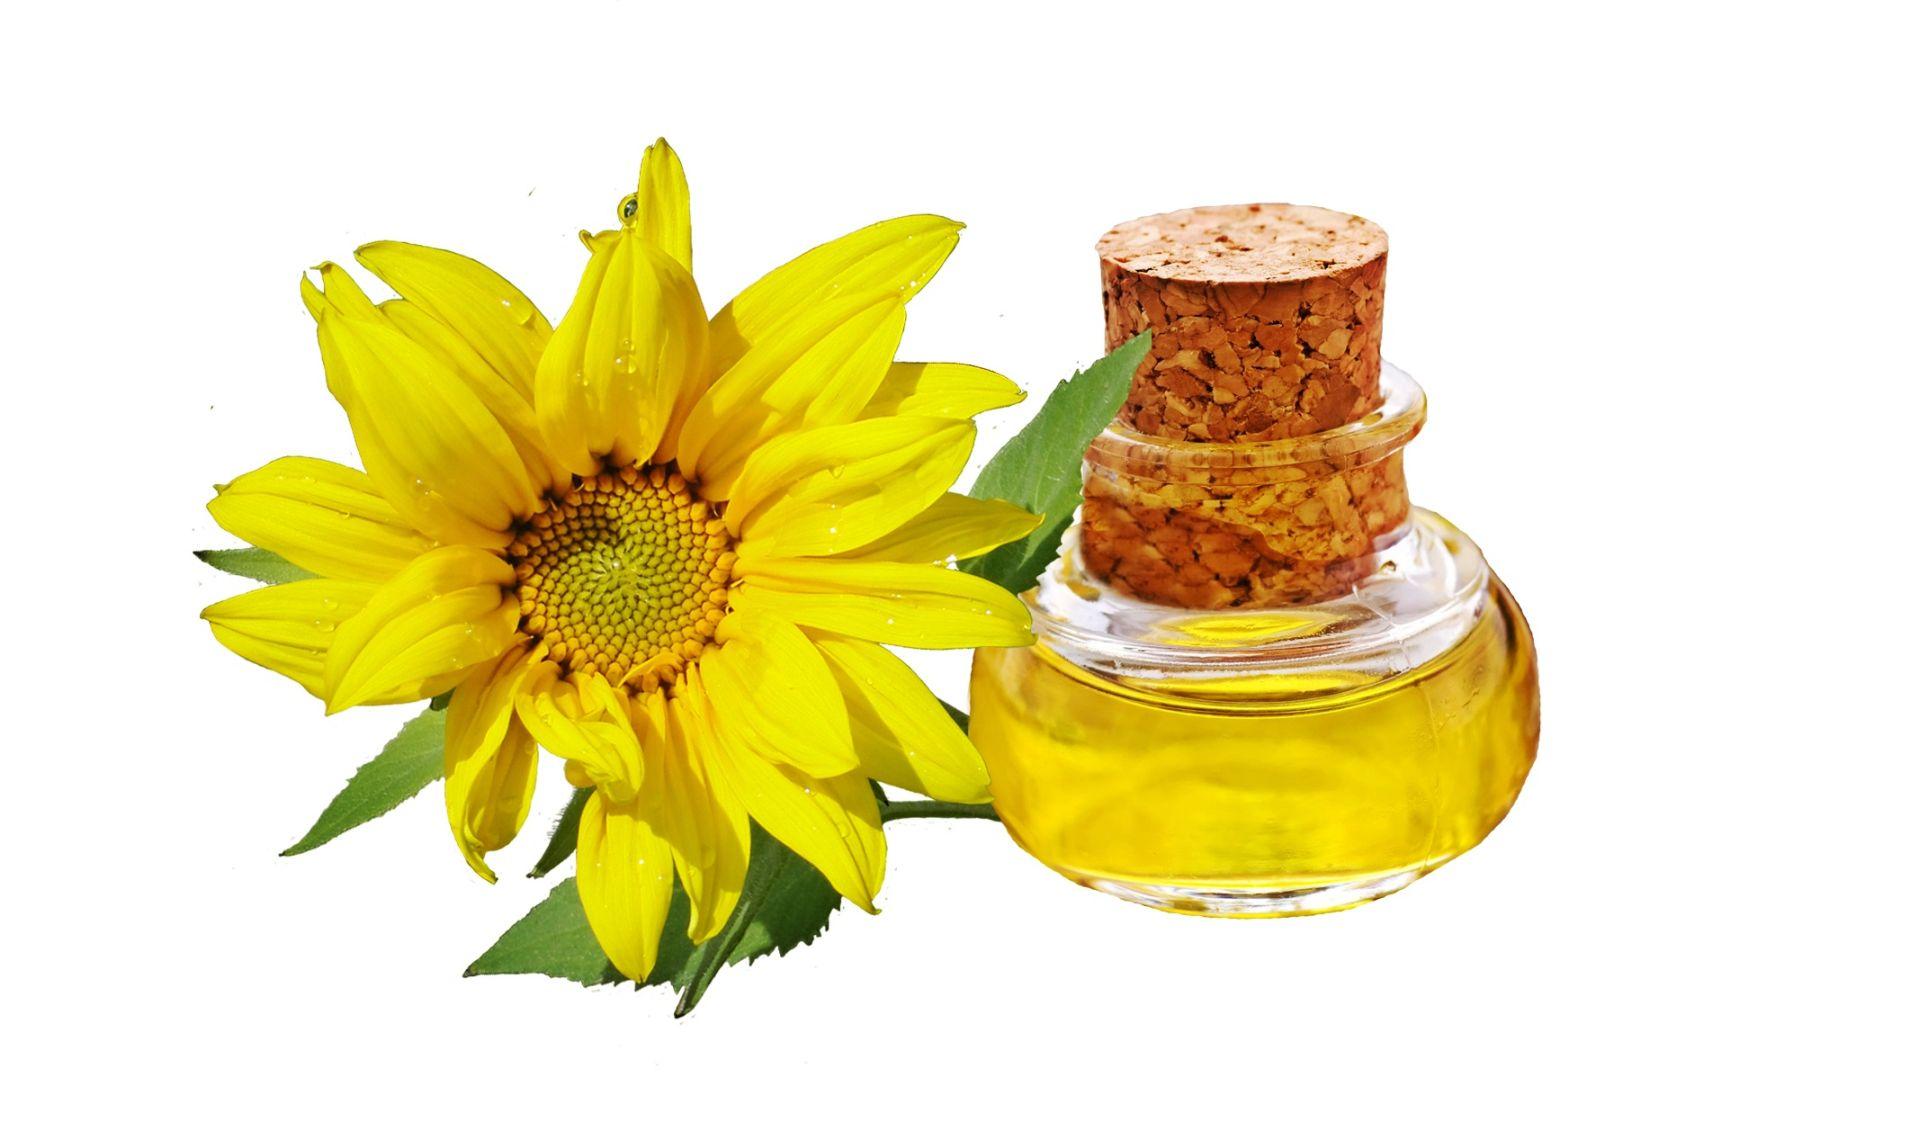 OSLOBAĐAJU TOKSIČNE KEMIKALIJE Biljna ulja štetna za zdravlje